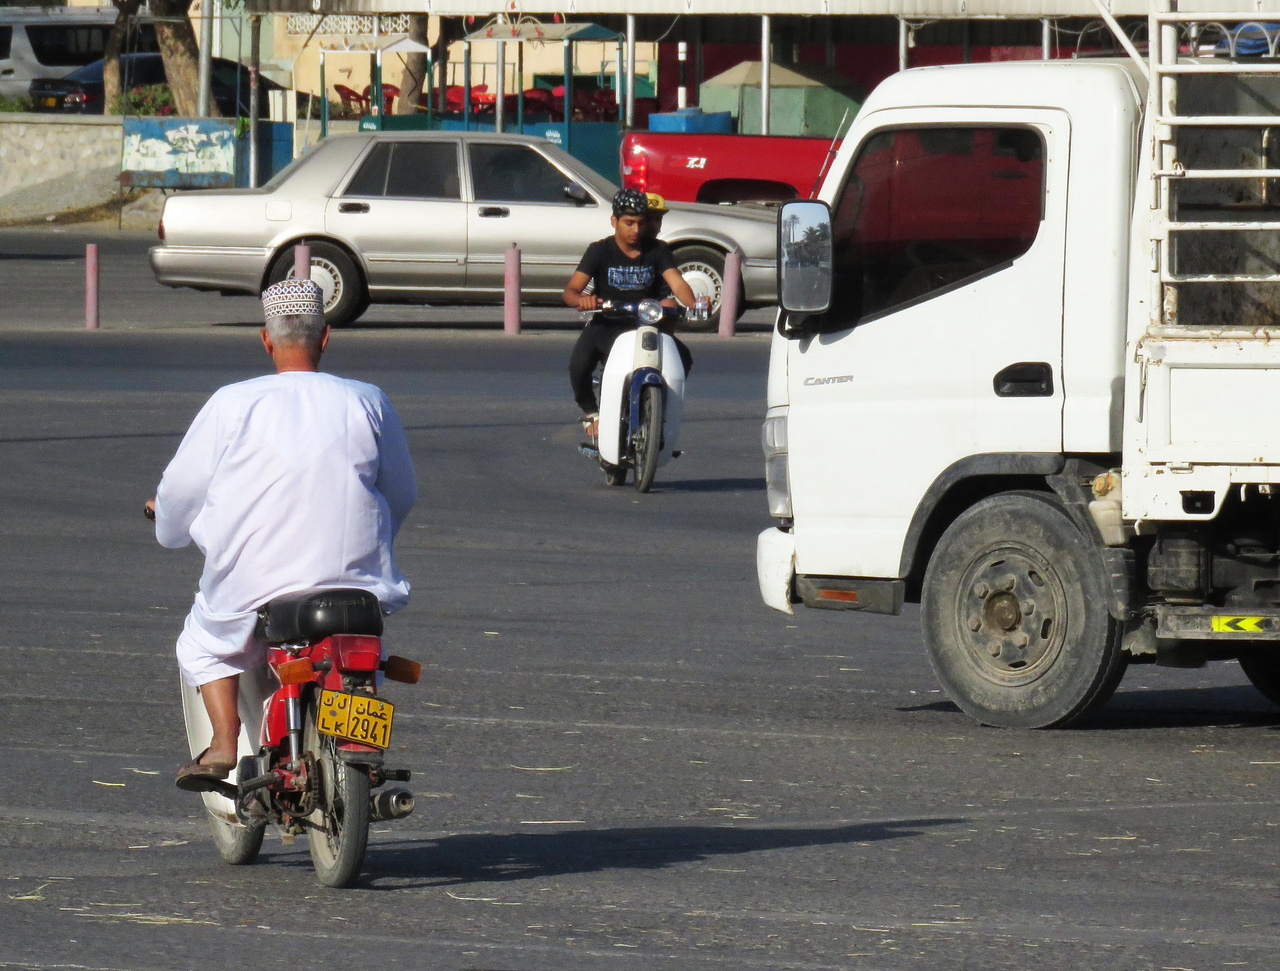 Nem túl gyakori látvány Ománban: motorosok Nizwában. A plusz húsz fokos télben még csak-csak megjárja, viszont nyáron, negyven fokban, tűző napon nem túl praktikus közlekedési mód a motorozás.